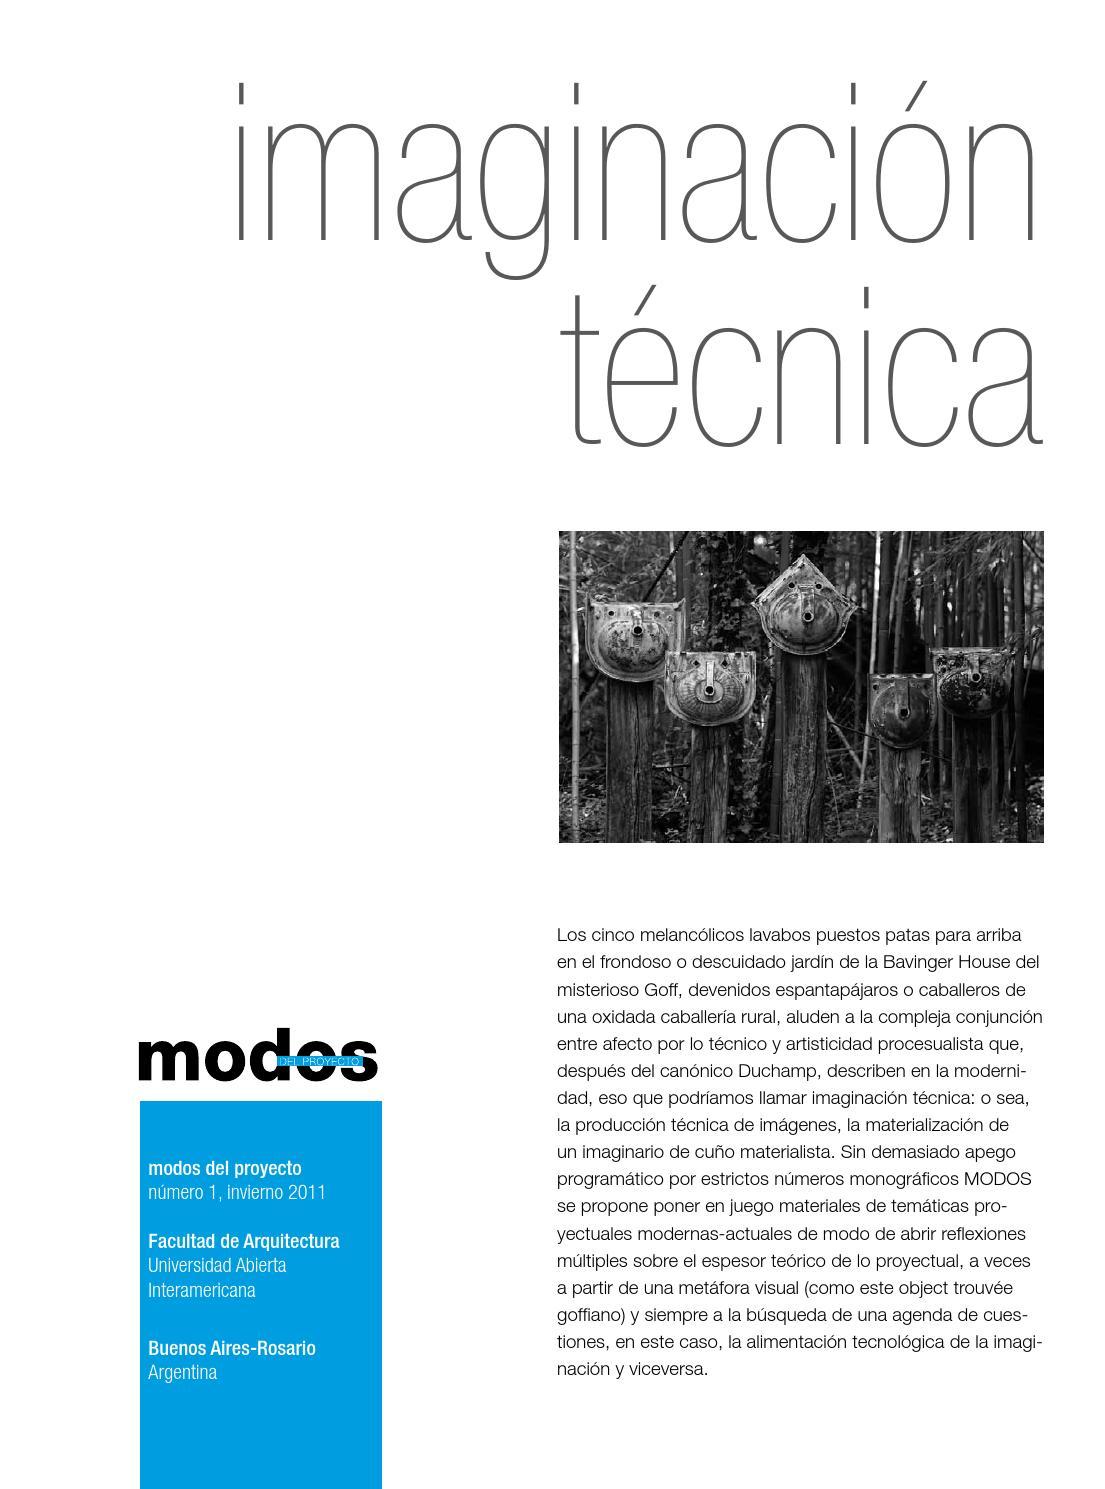 Revista modos - nº 01 Imaginación Técnica by CAEAU - issuu